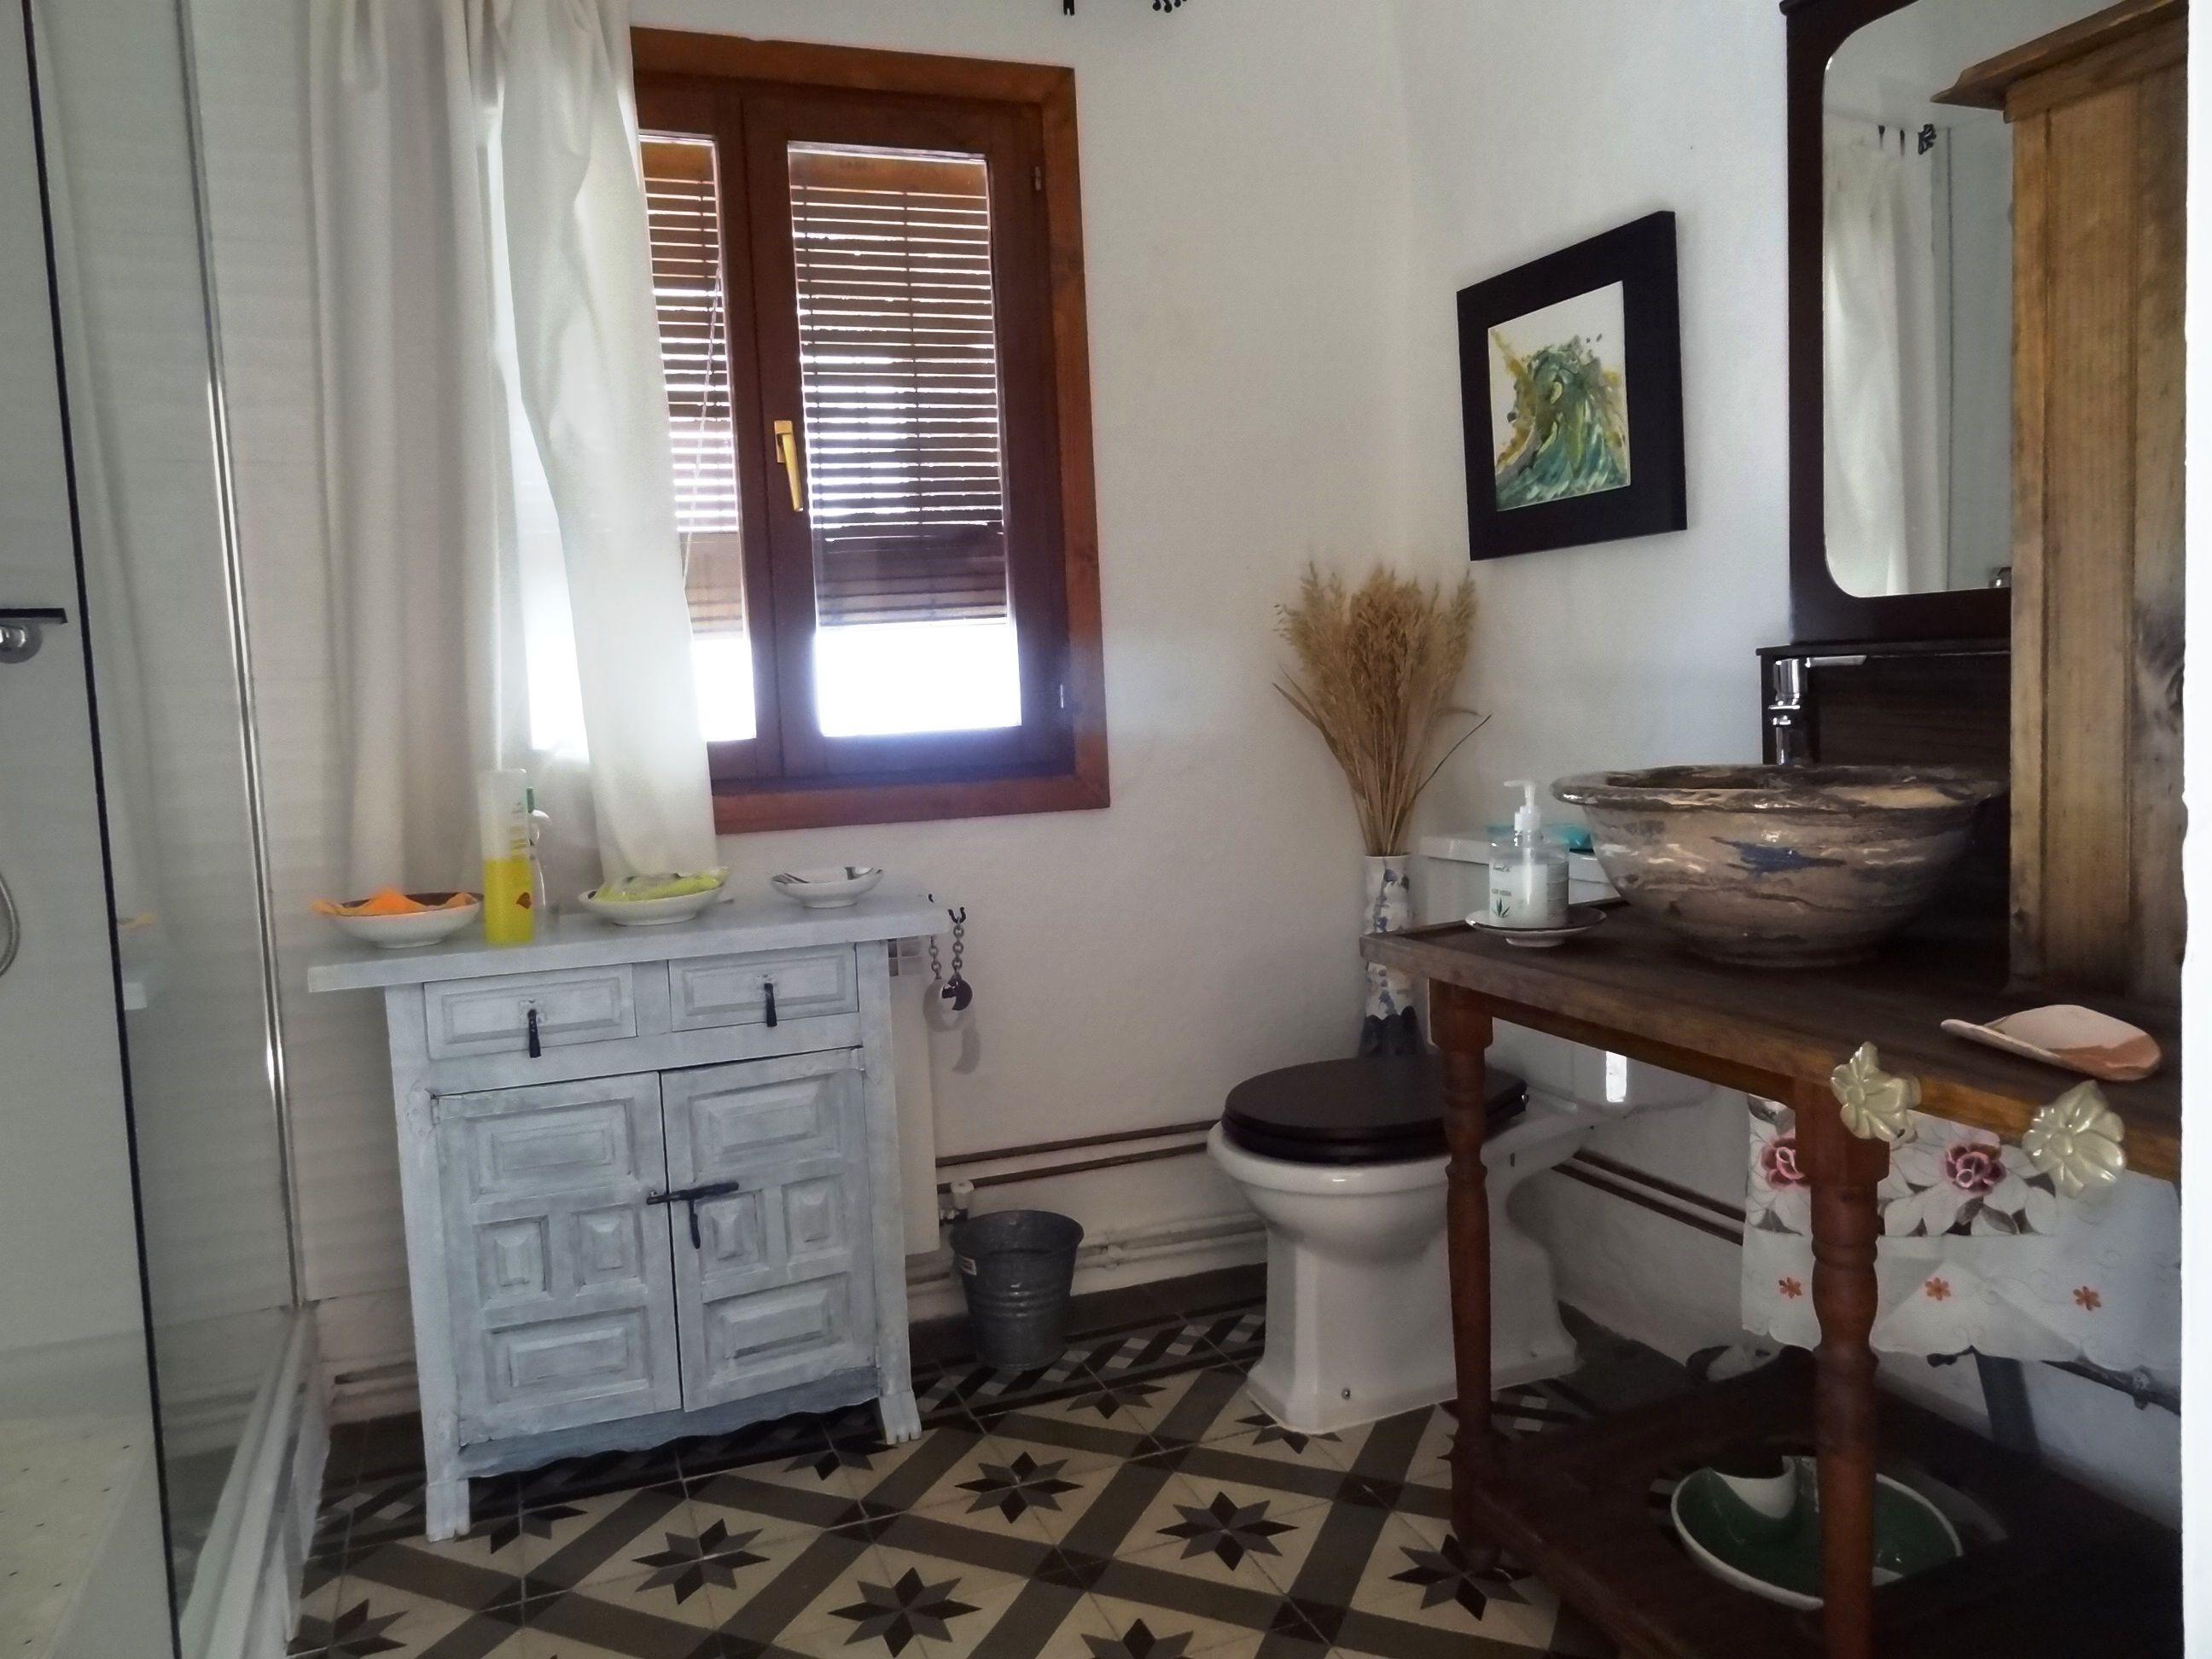 baño privado de la habitación rosa